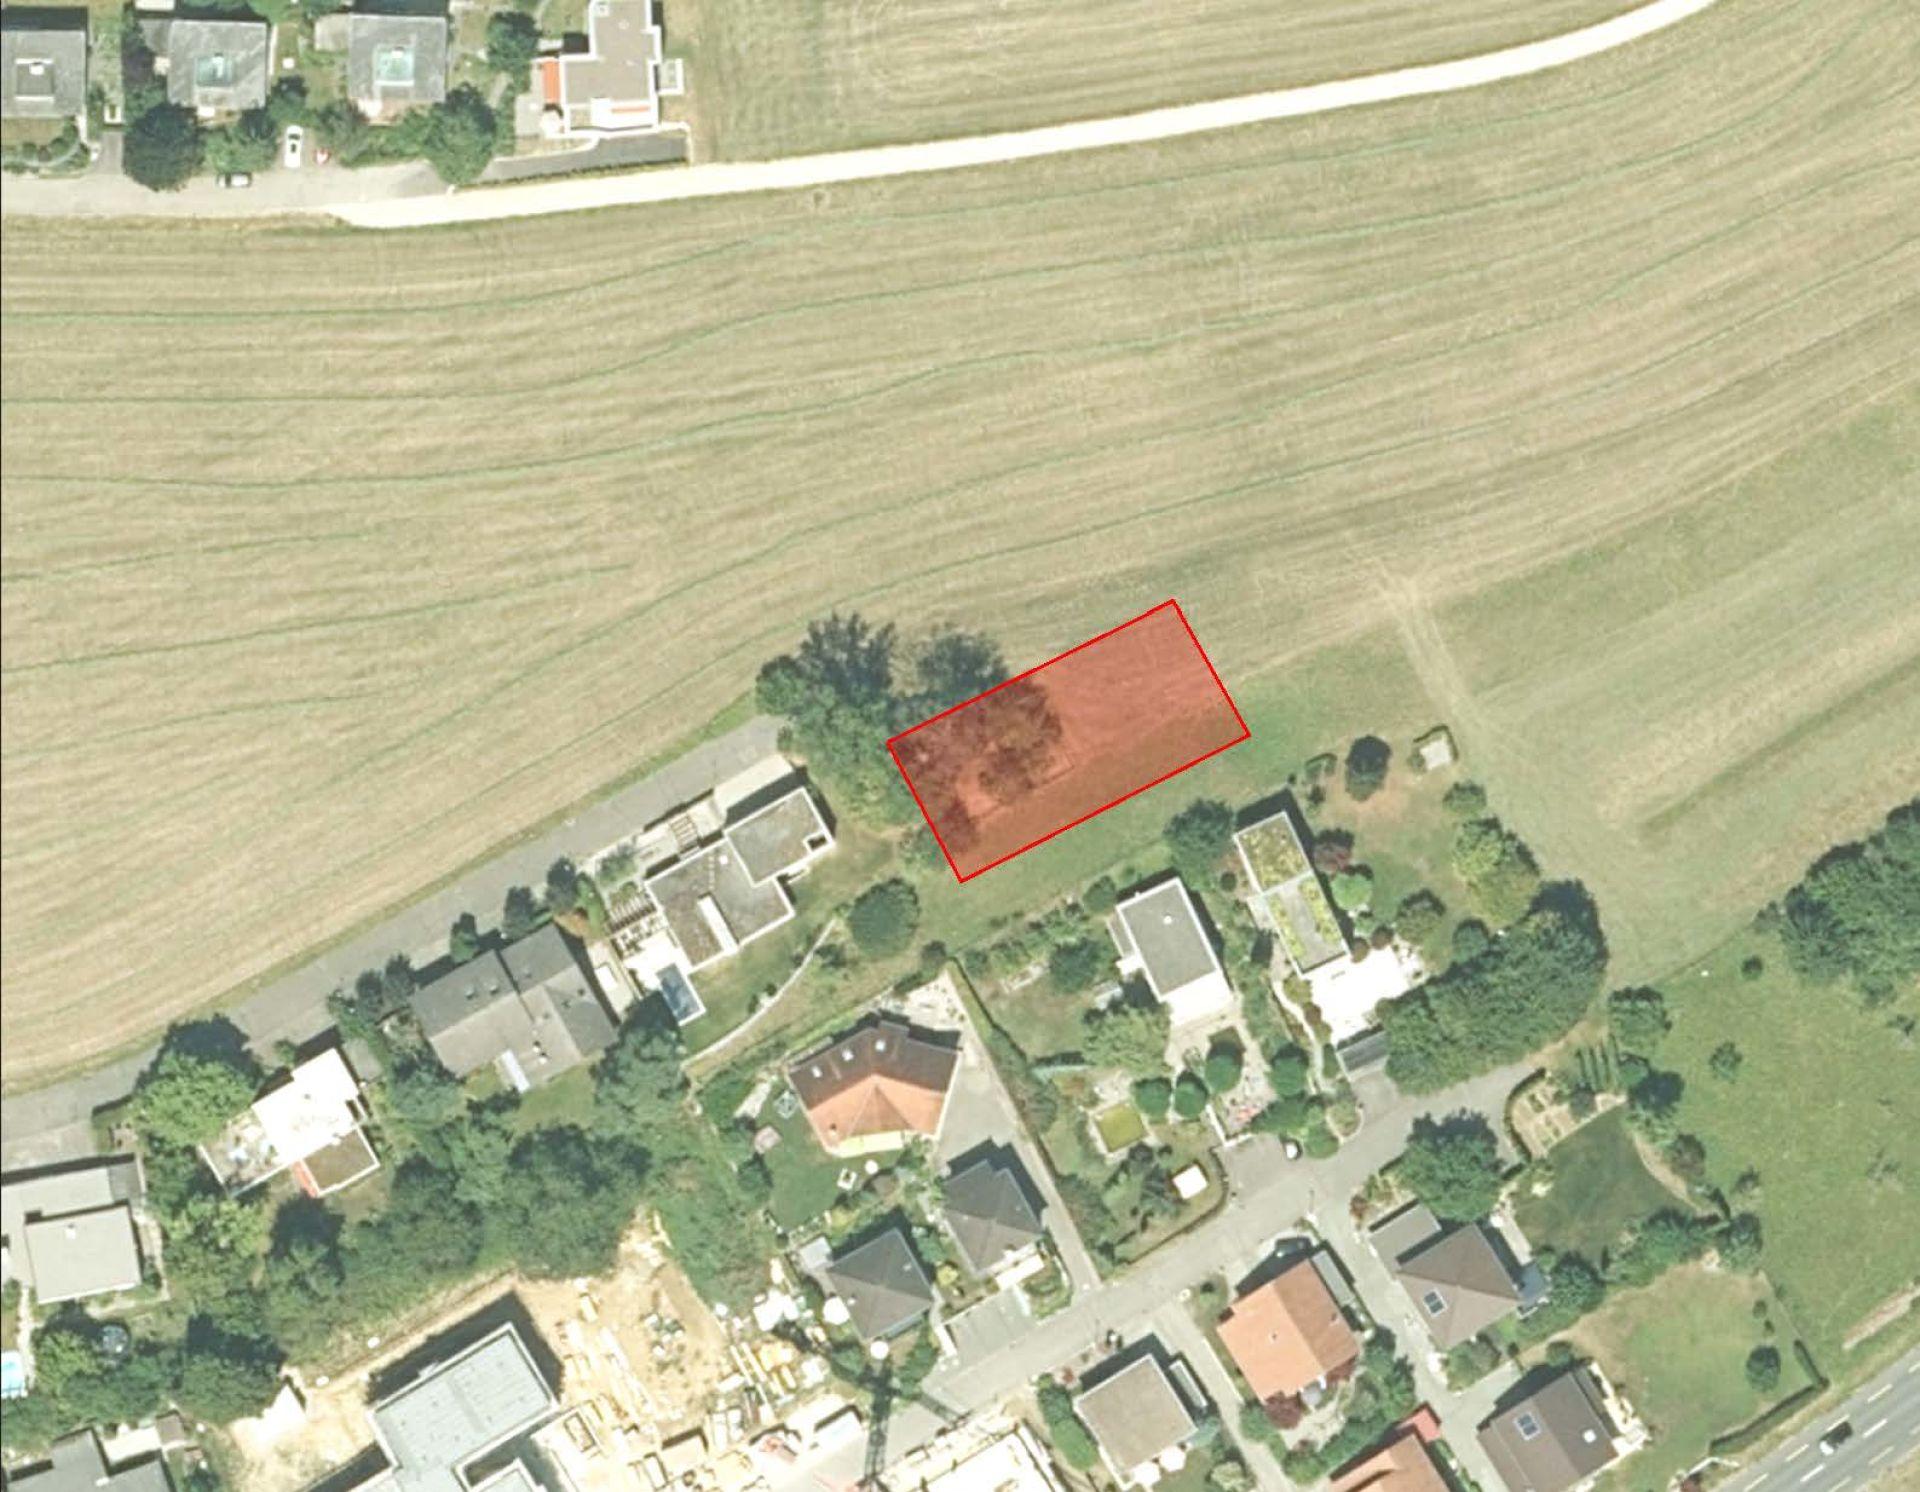 Erstvermietung: topmoderne Wohnung, Landwirtschaftszone